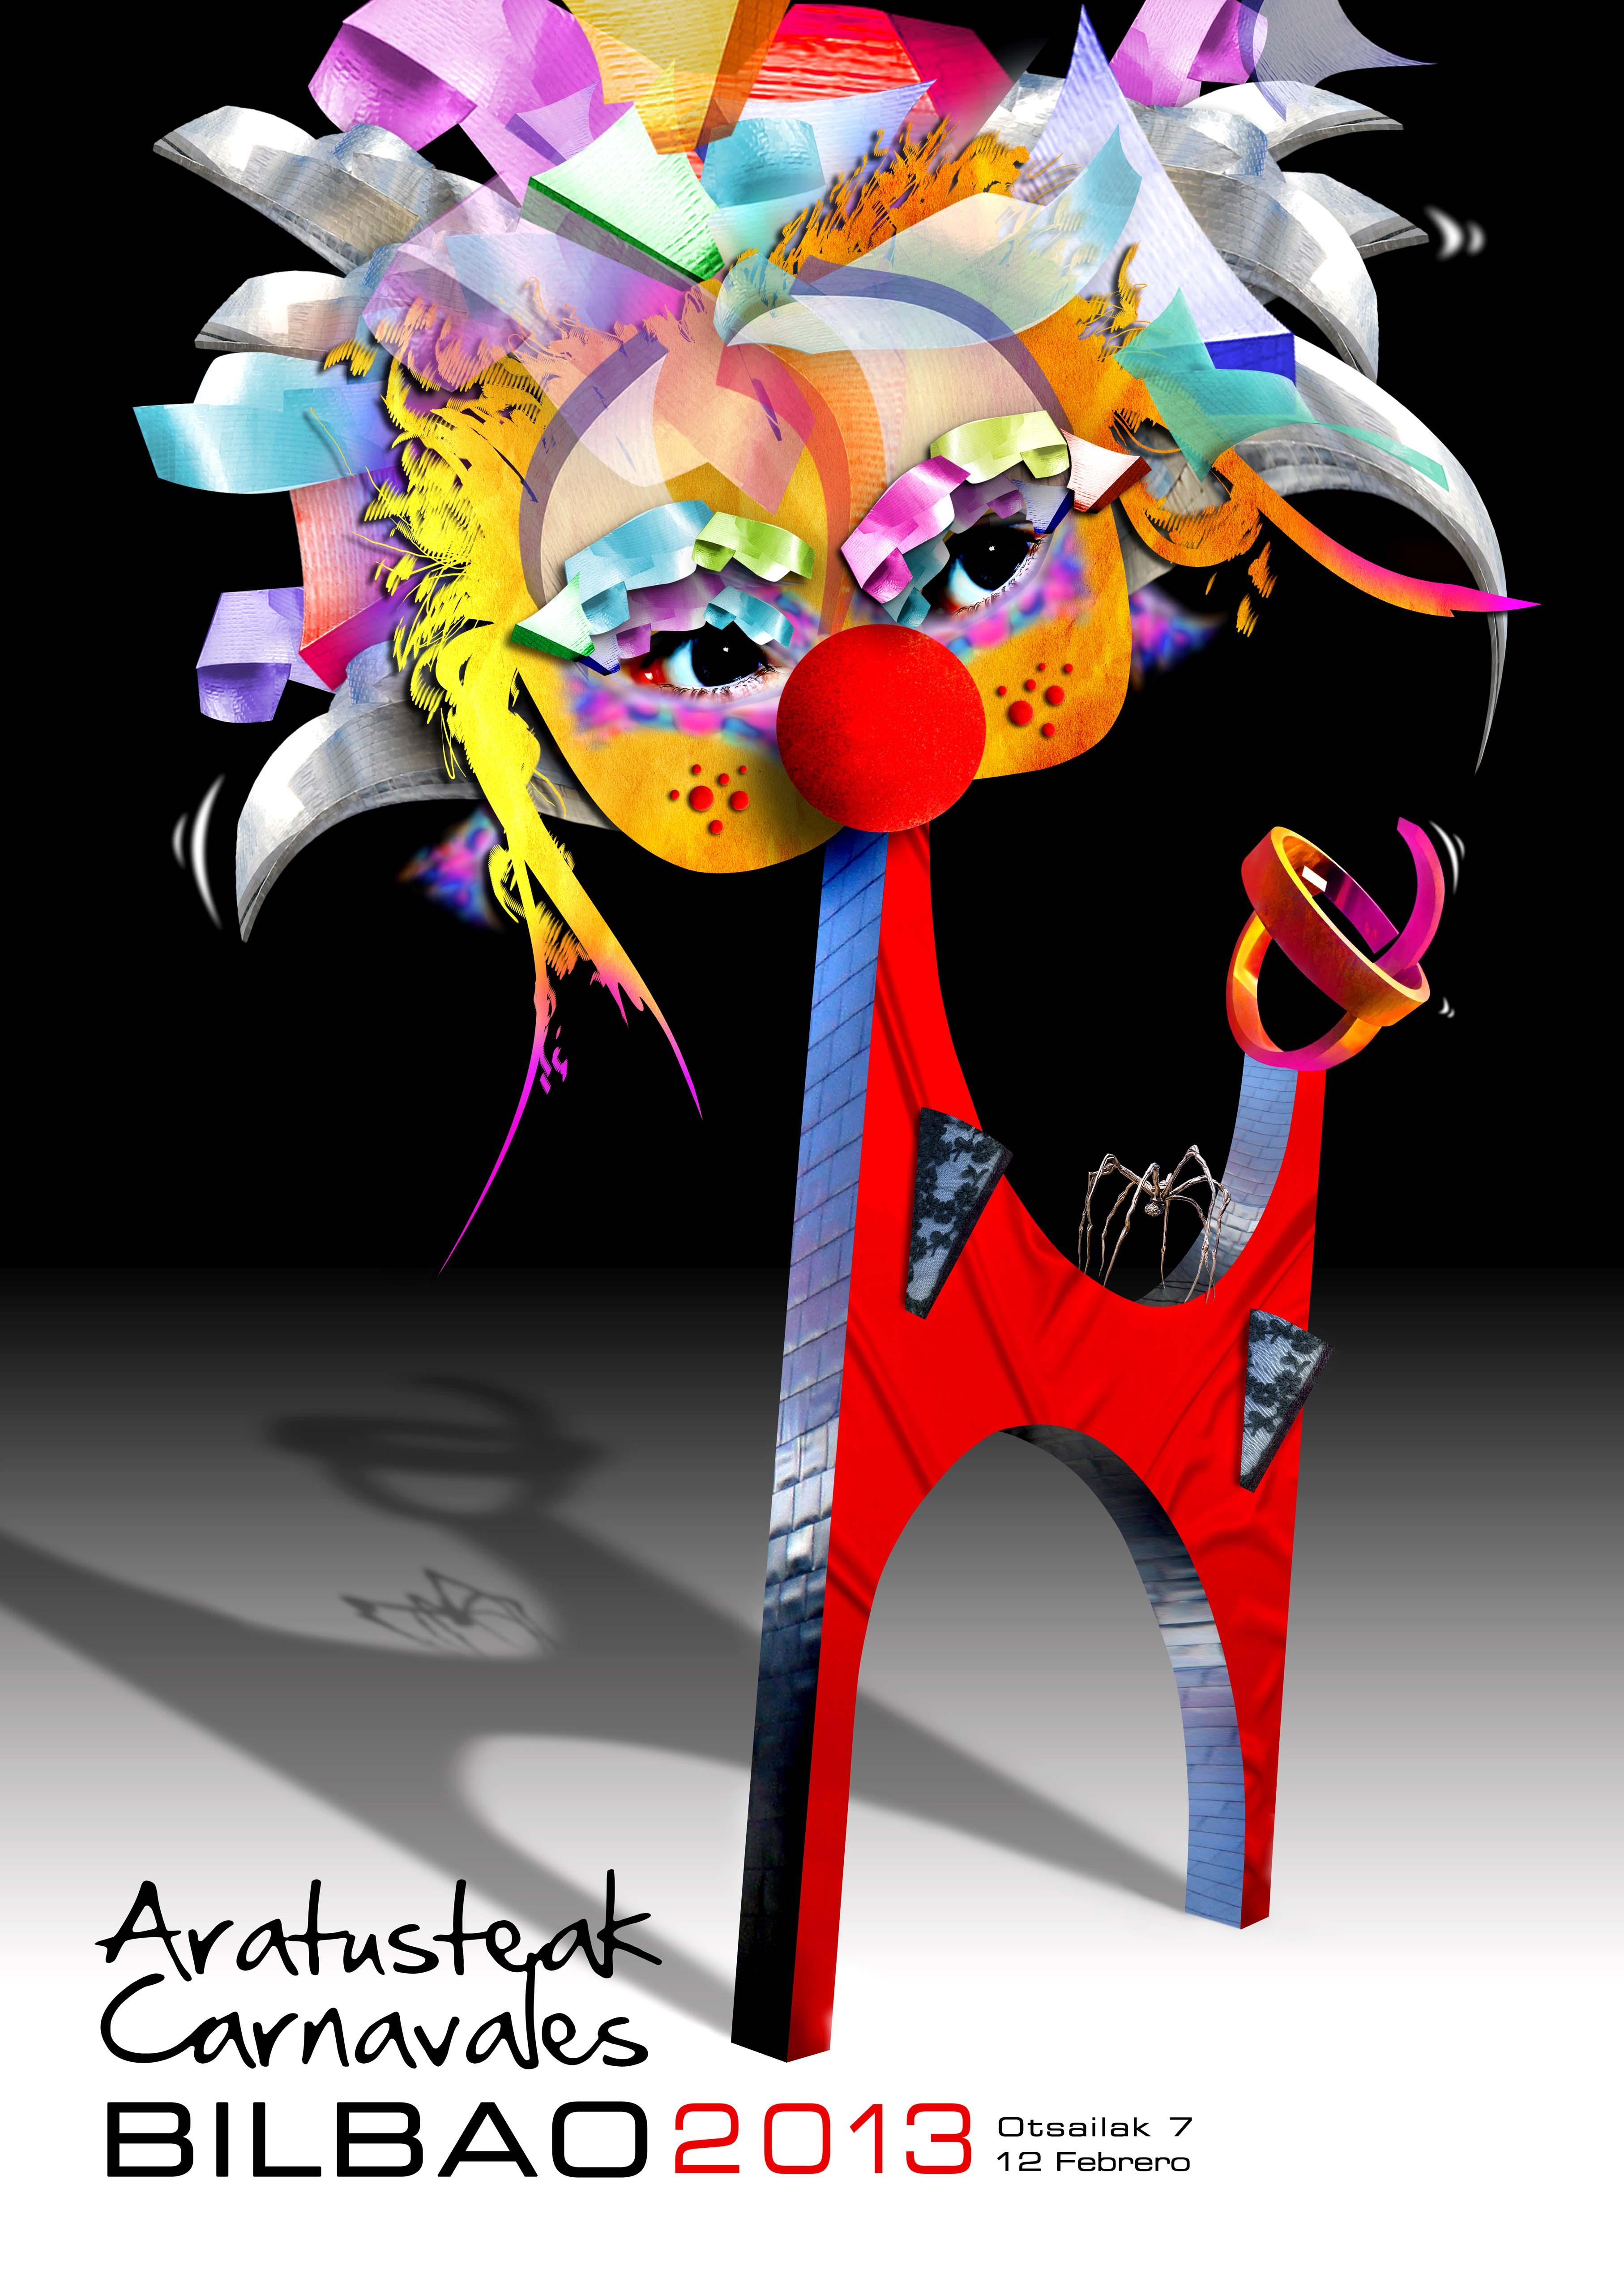 Este es 'Lehoi', el cartel de Carnaval 2013 de Bilbao :-)).